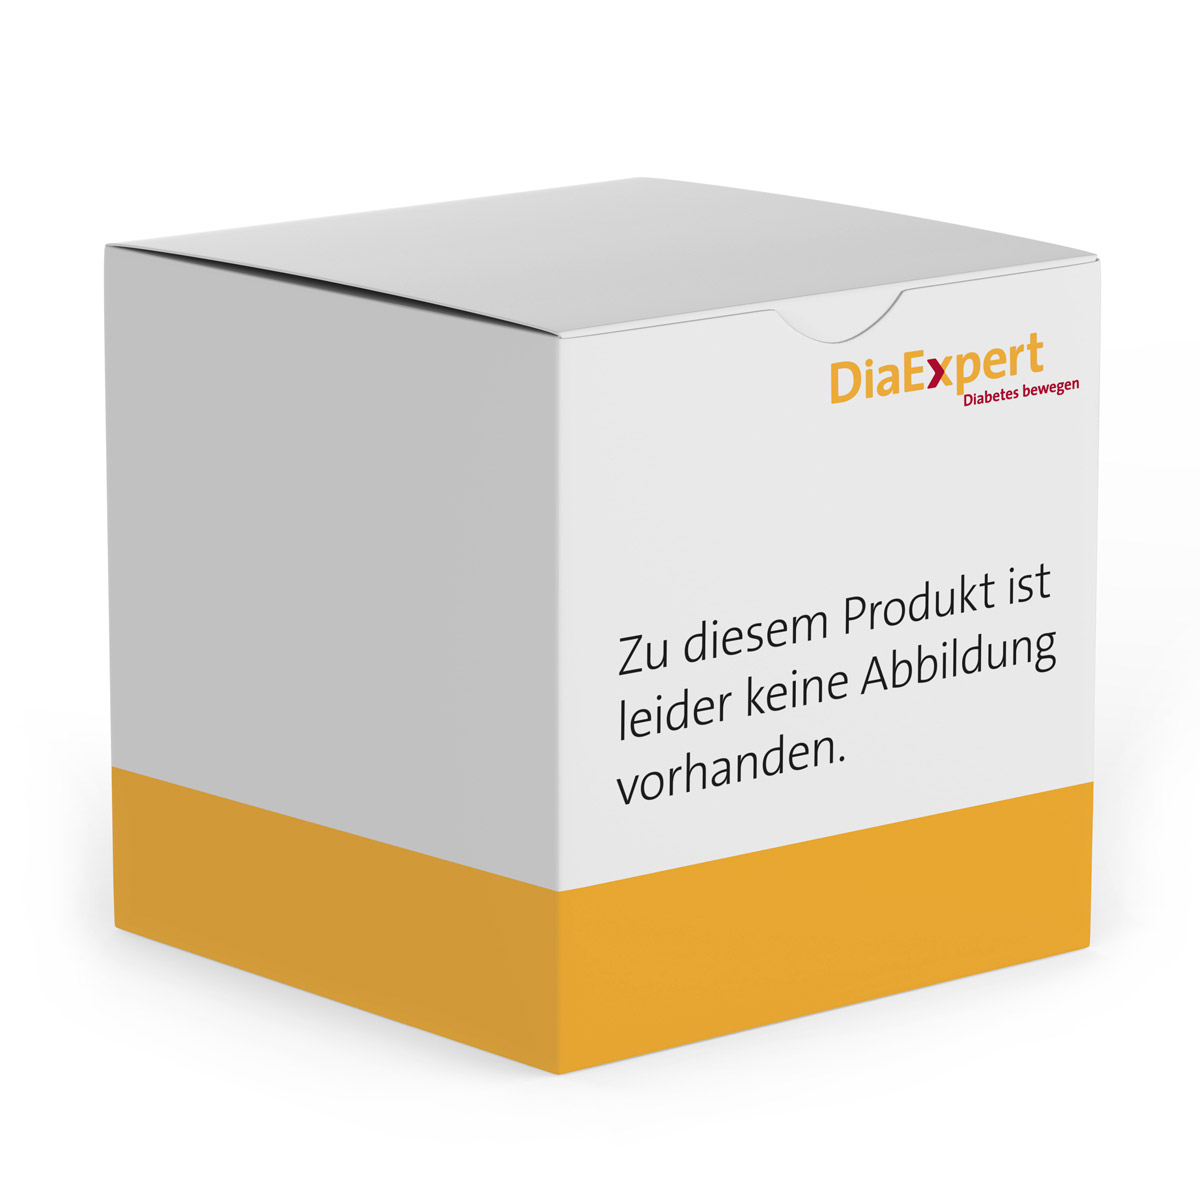 OpSite Flexigrid transparenter Wundverband